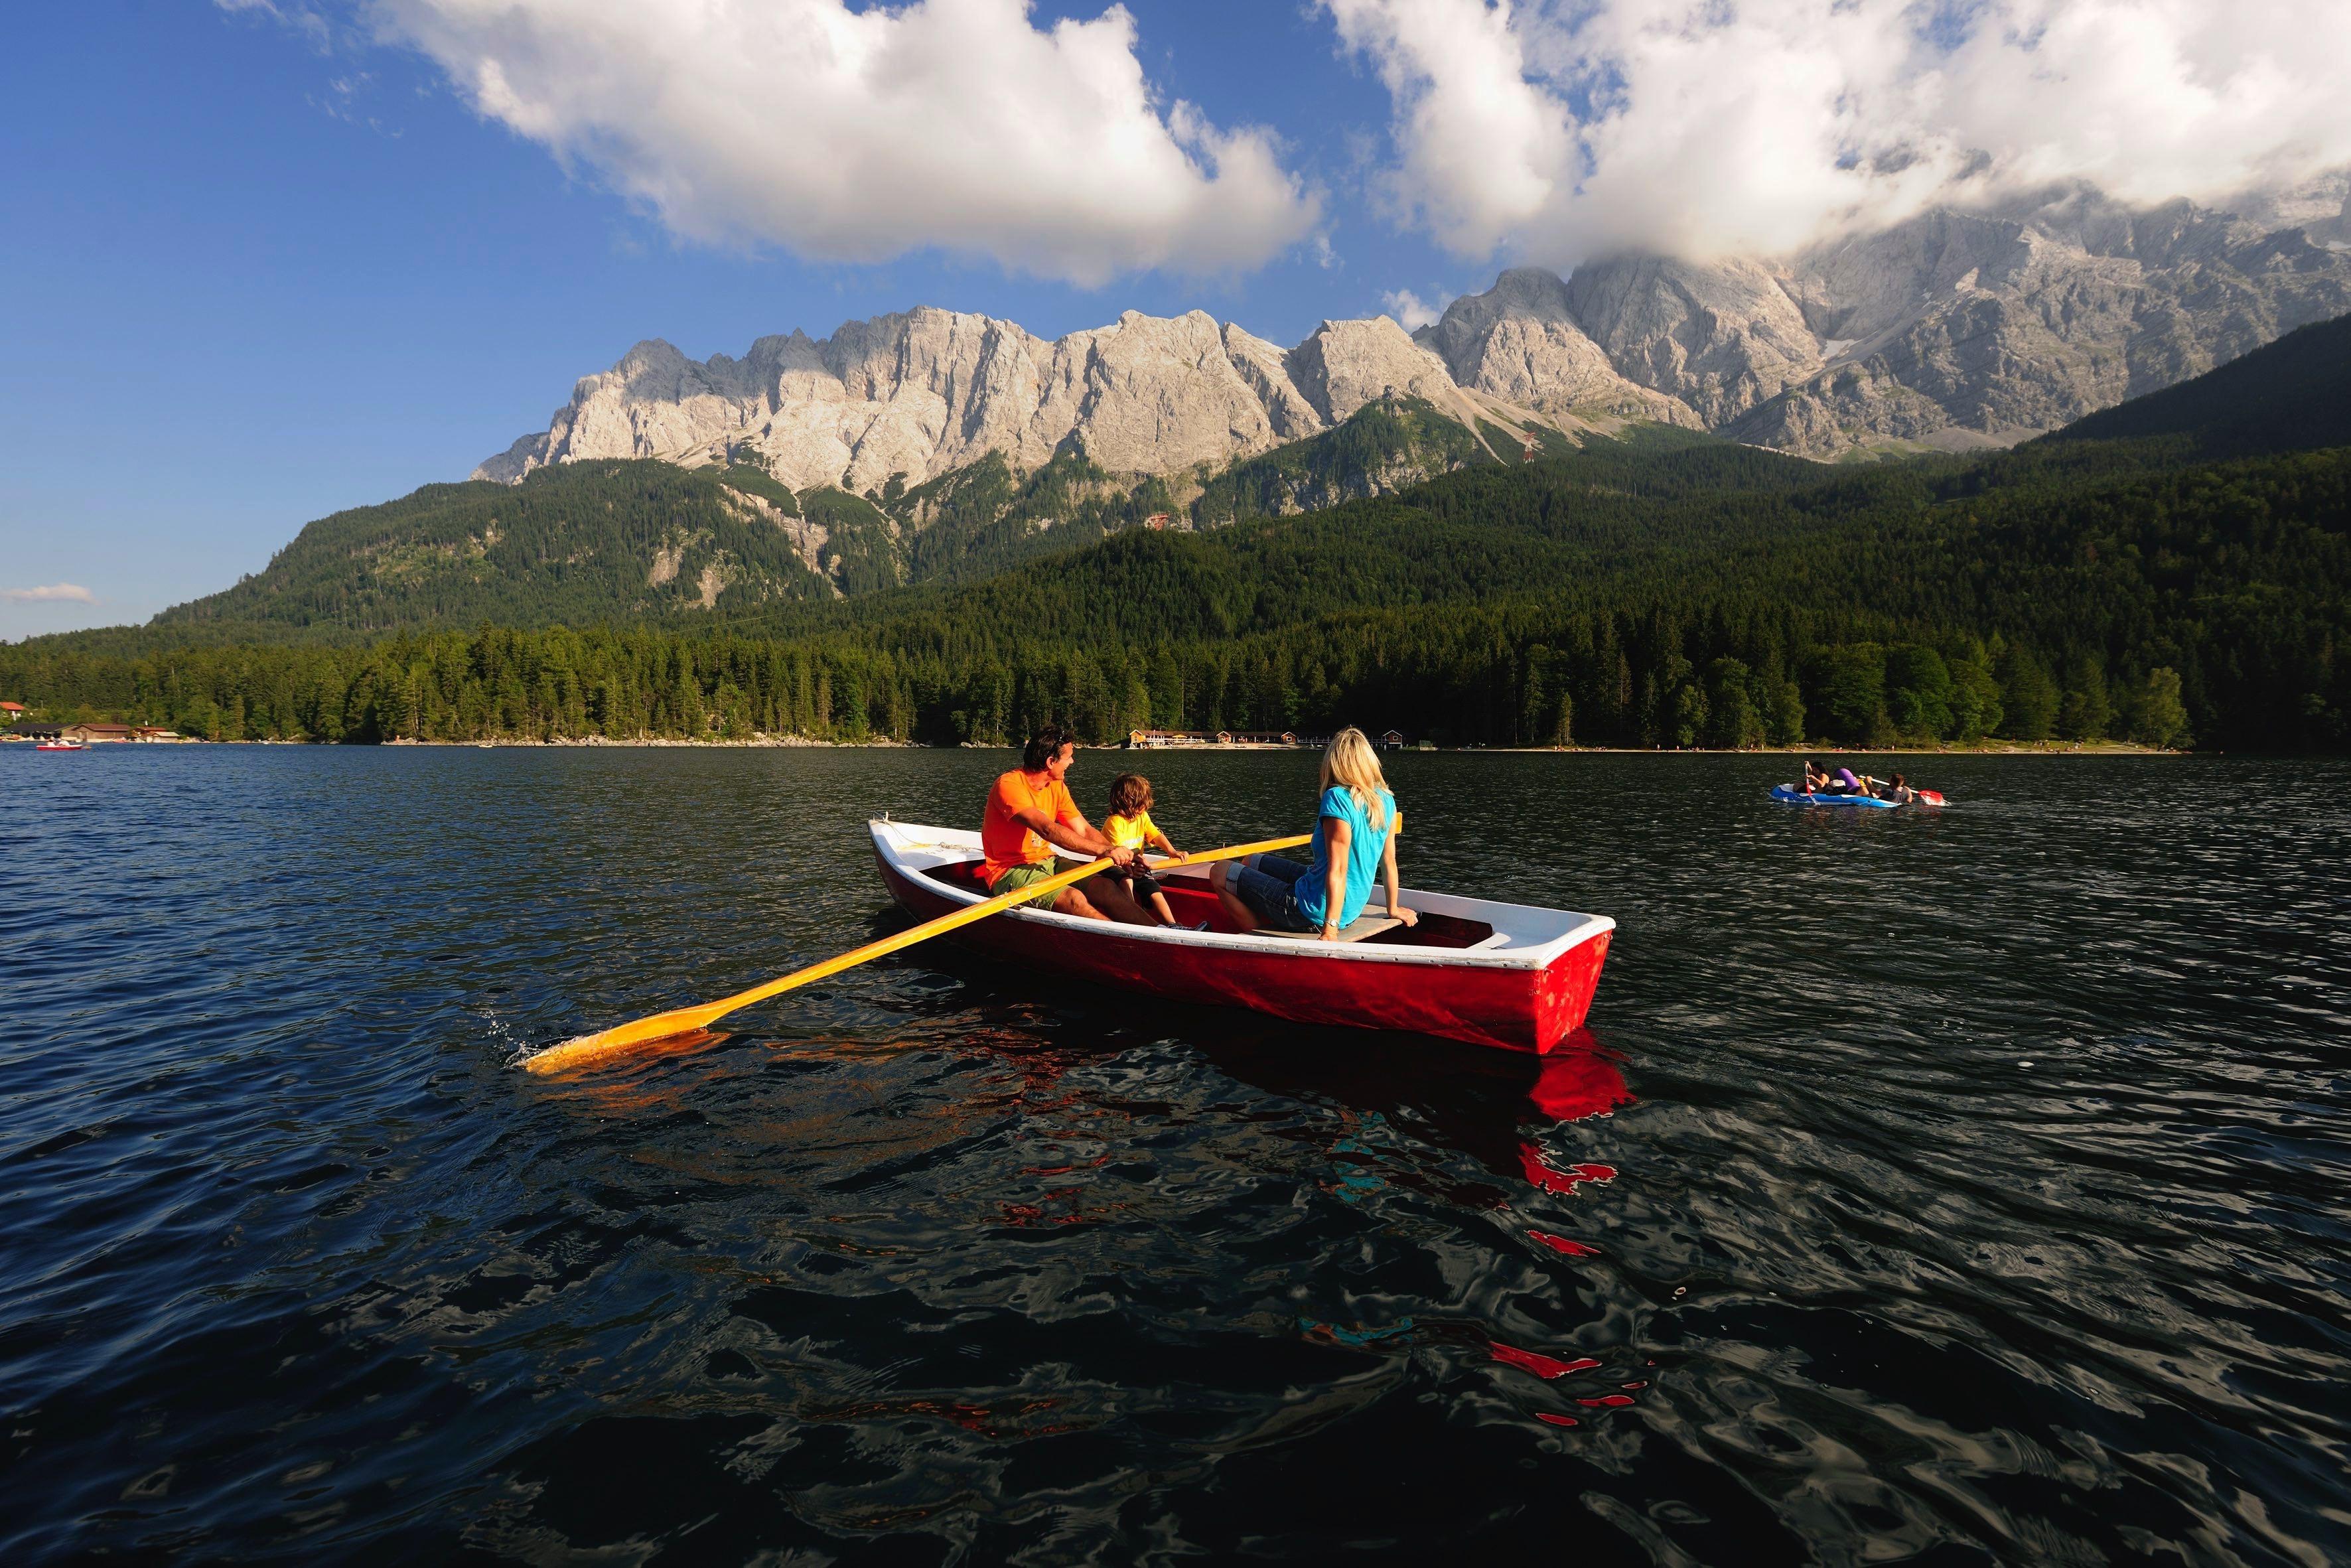 Wochenendtrips an die schönsten Seen zum Abkühlen